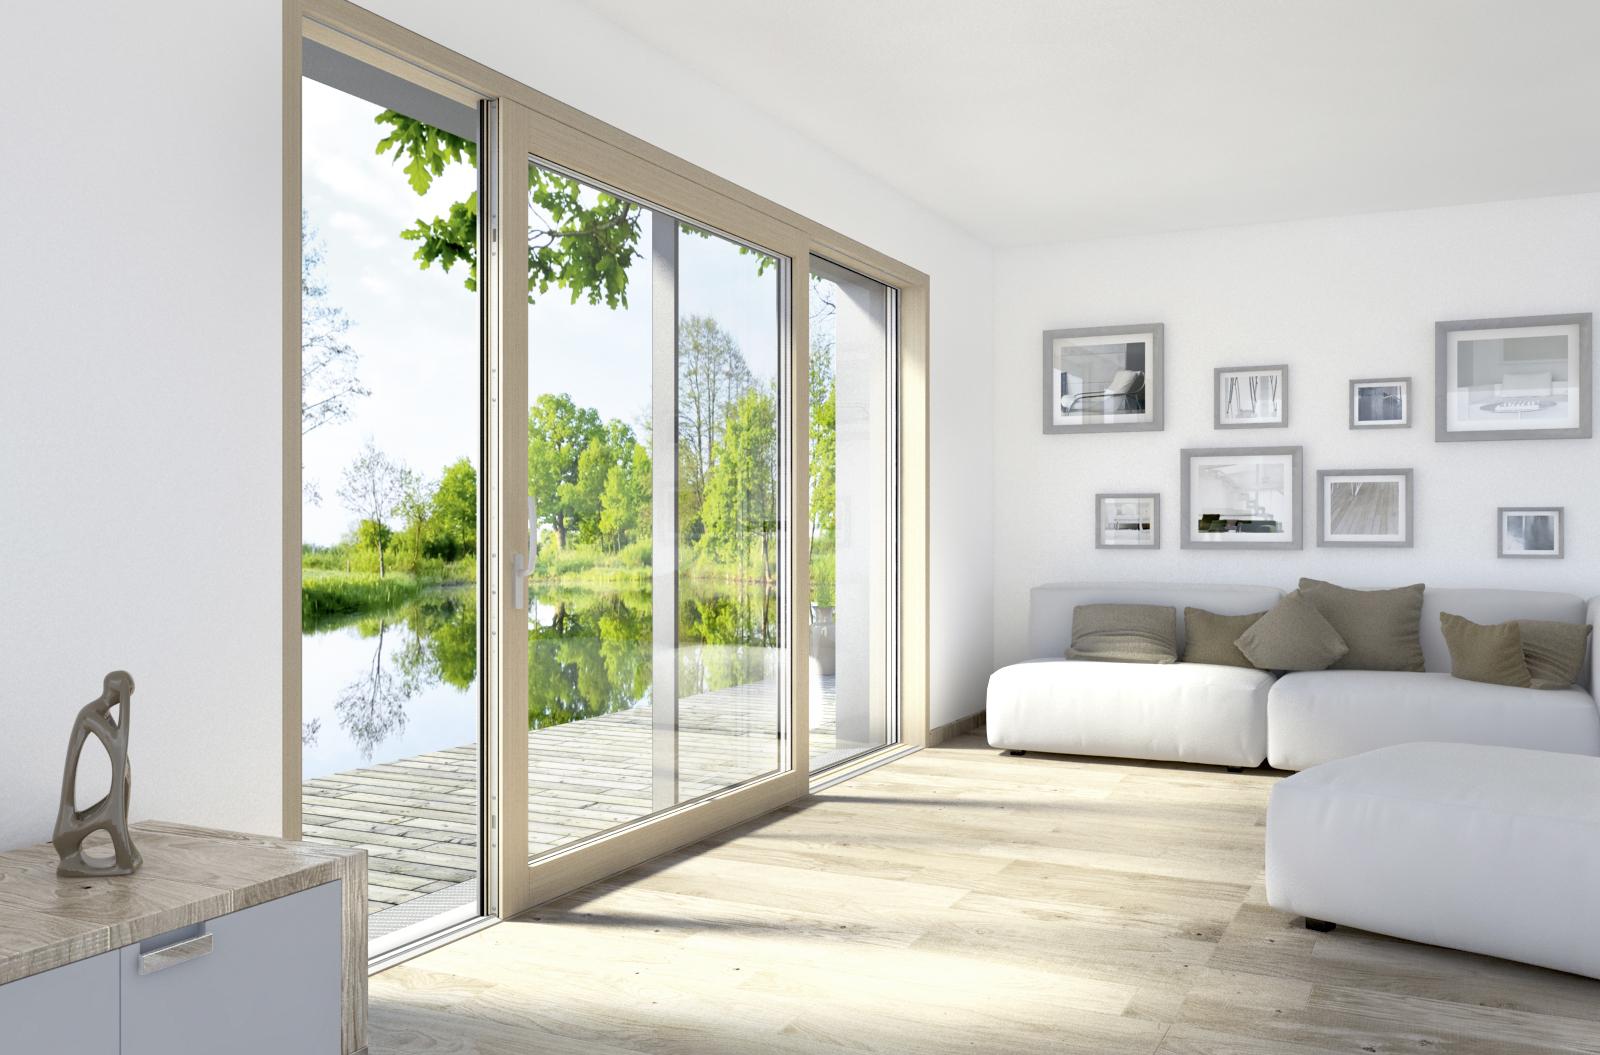 Infissi in legno alluminio marocchi design - Controfinestre in alluminio prezzi ...